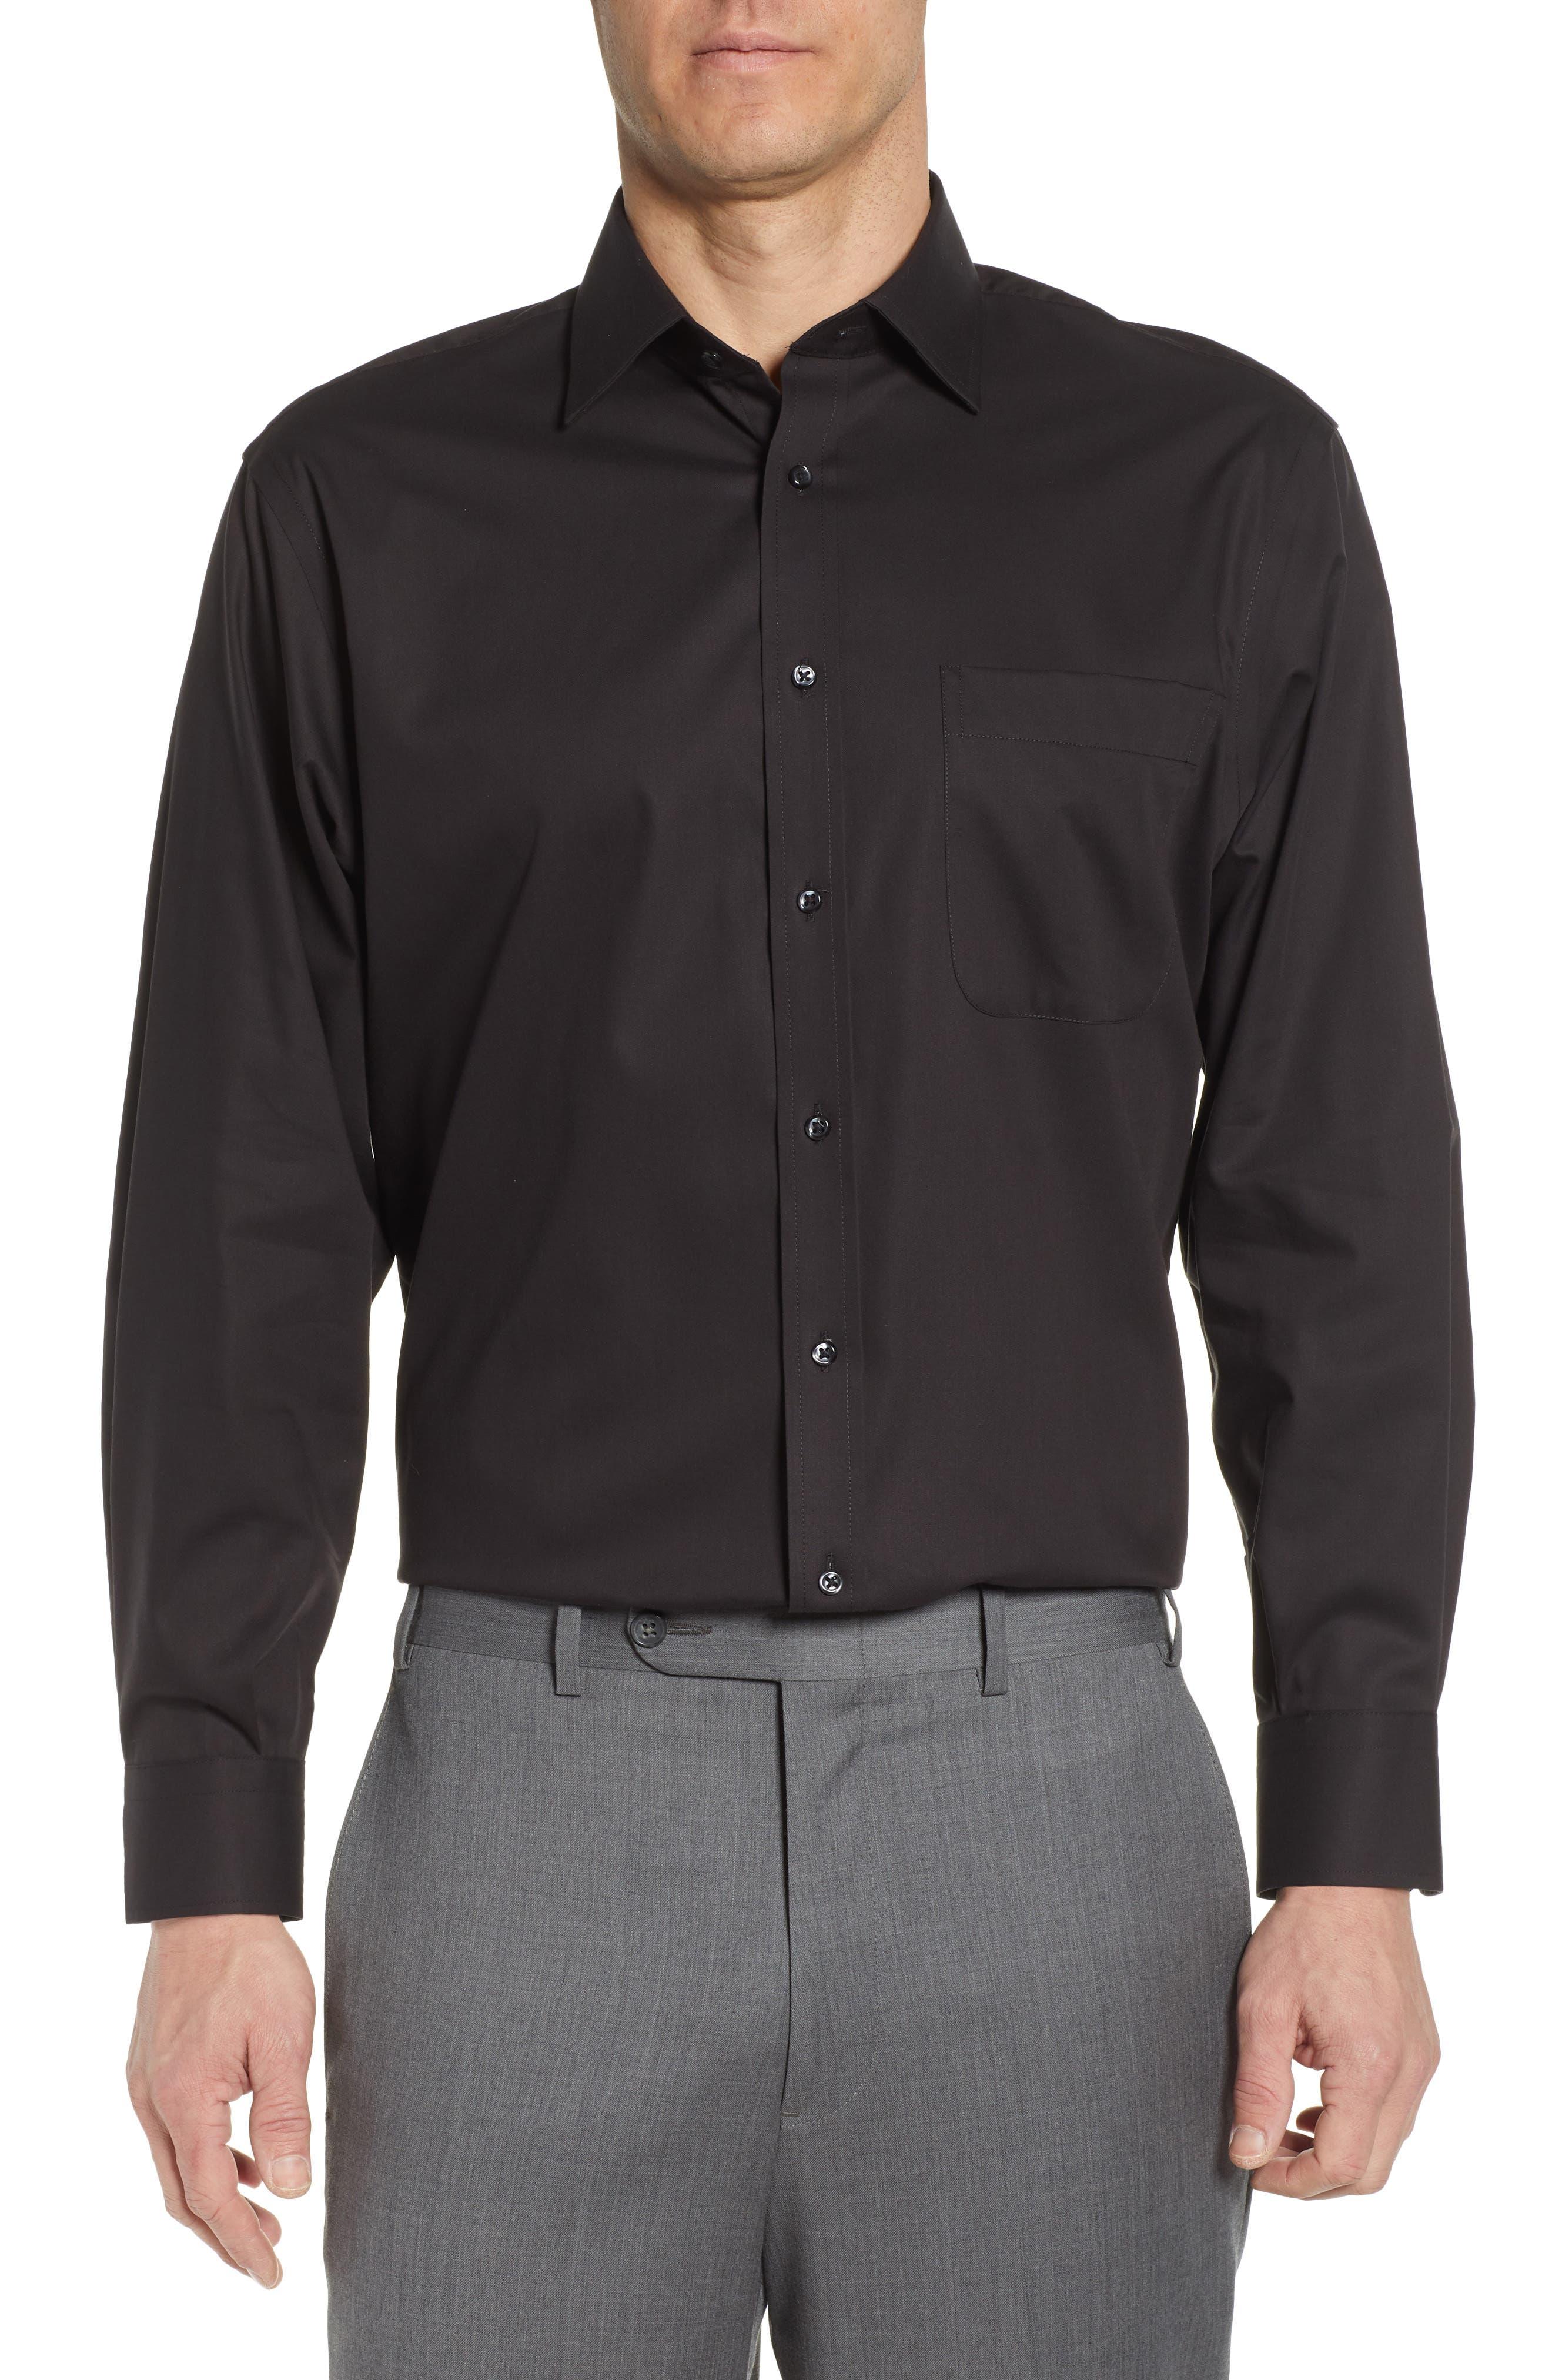 NORDSTROM MEN'S SHOP Classic Fit Non-Iron Dress Shirt, Main, color, BLACK